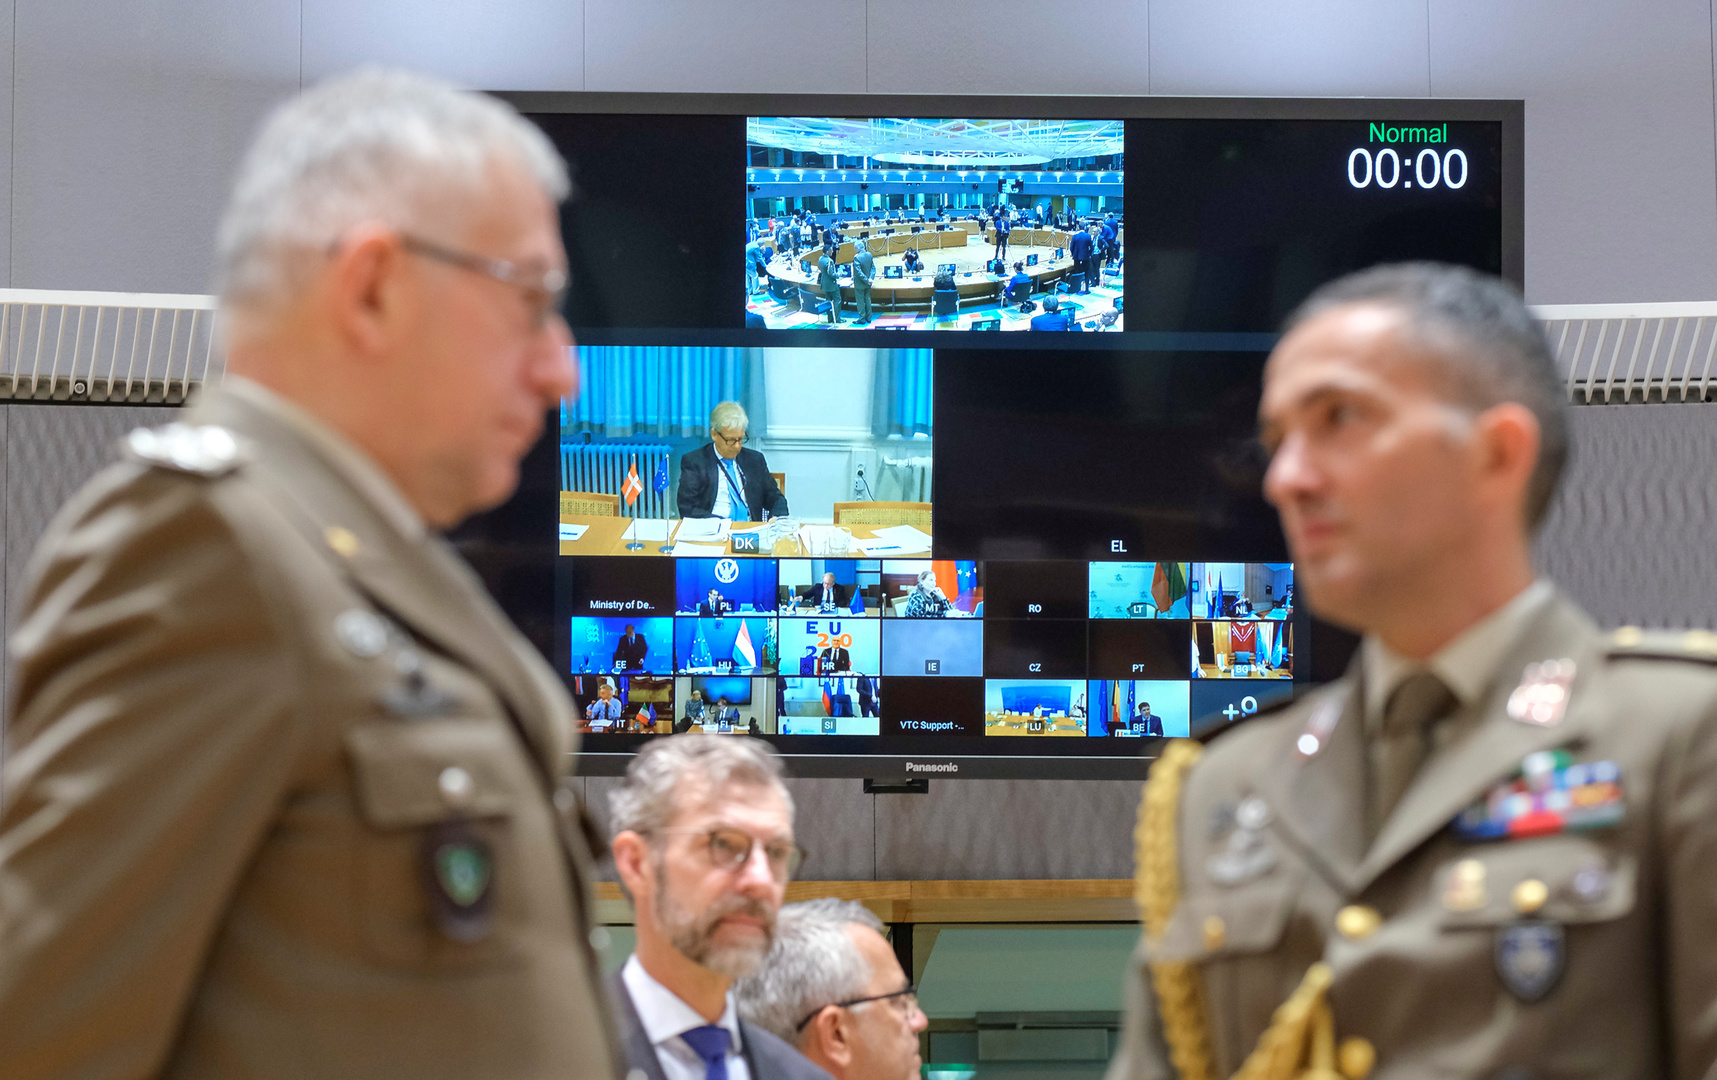 لأول مرة.. استخبارات الاتحاد الأوروبي تعد تقريرا حول التهديدات المشتركة